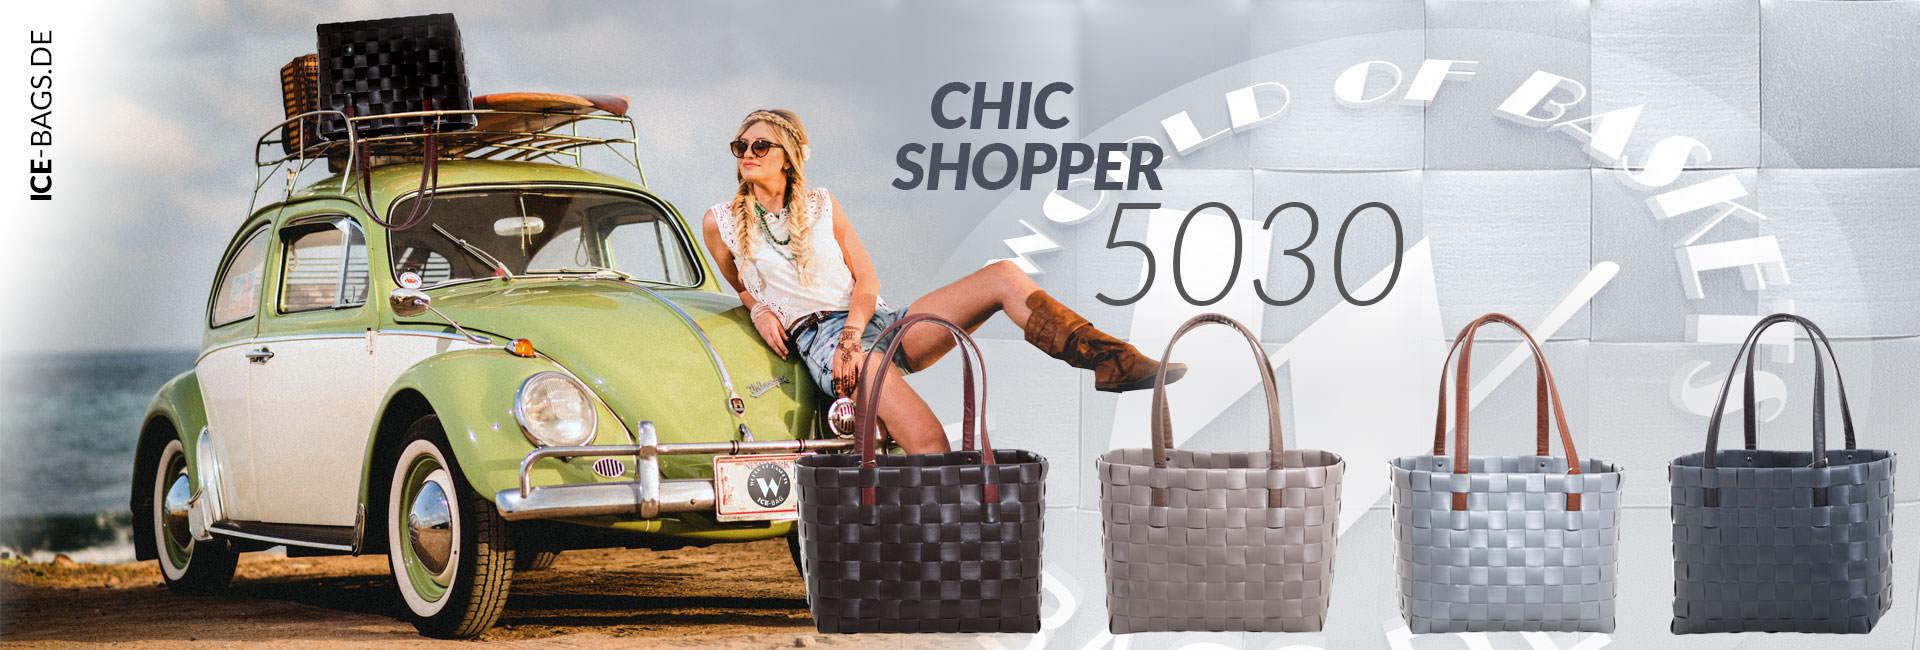 Witzgall-Tasche-Shopper-ICE-BAG-5030-Teaser-Einkaufswelten